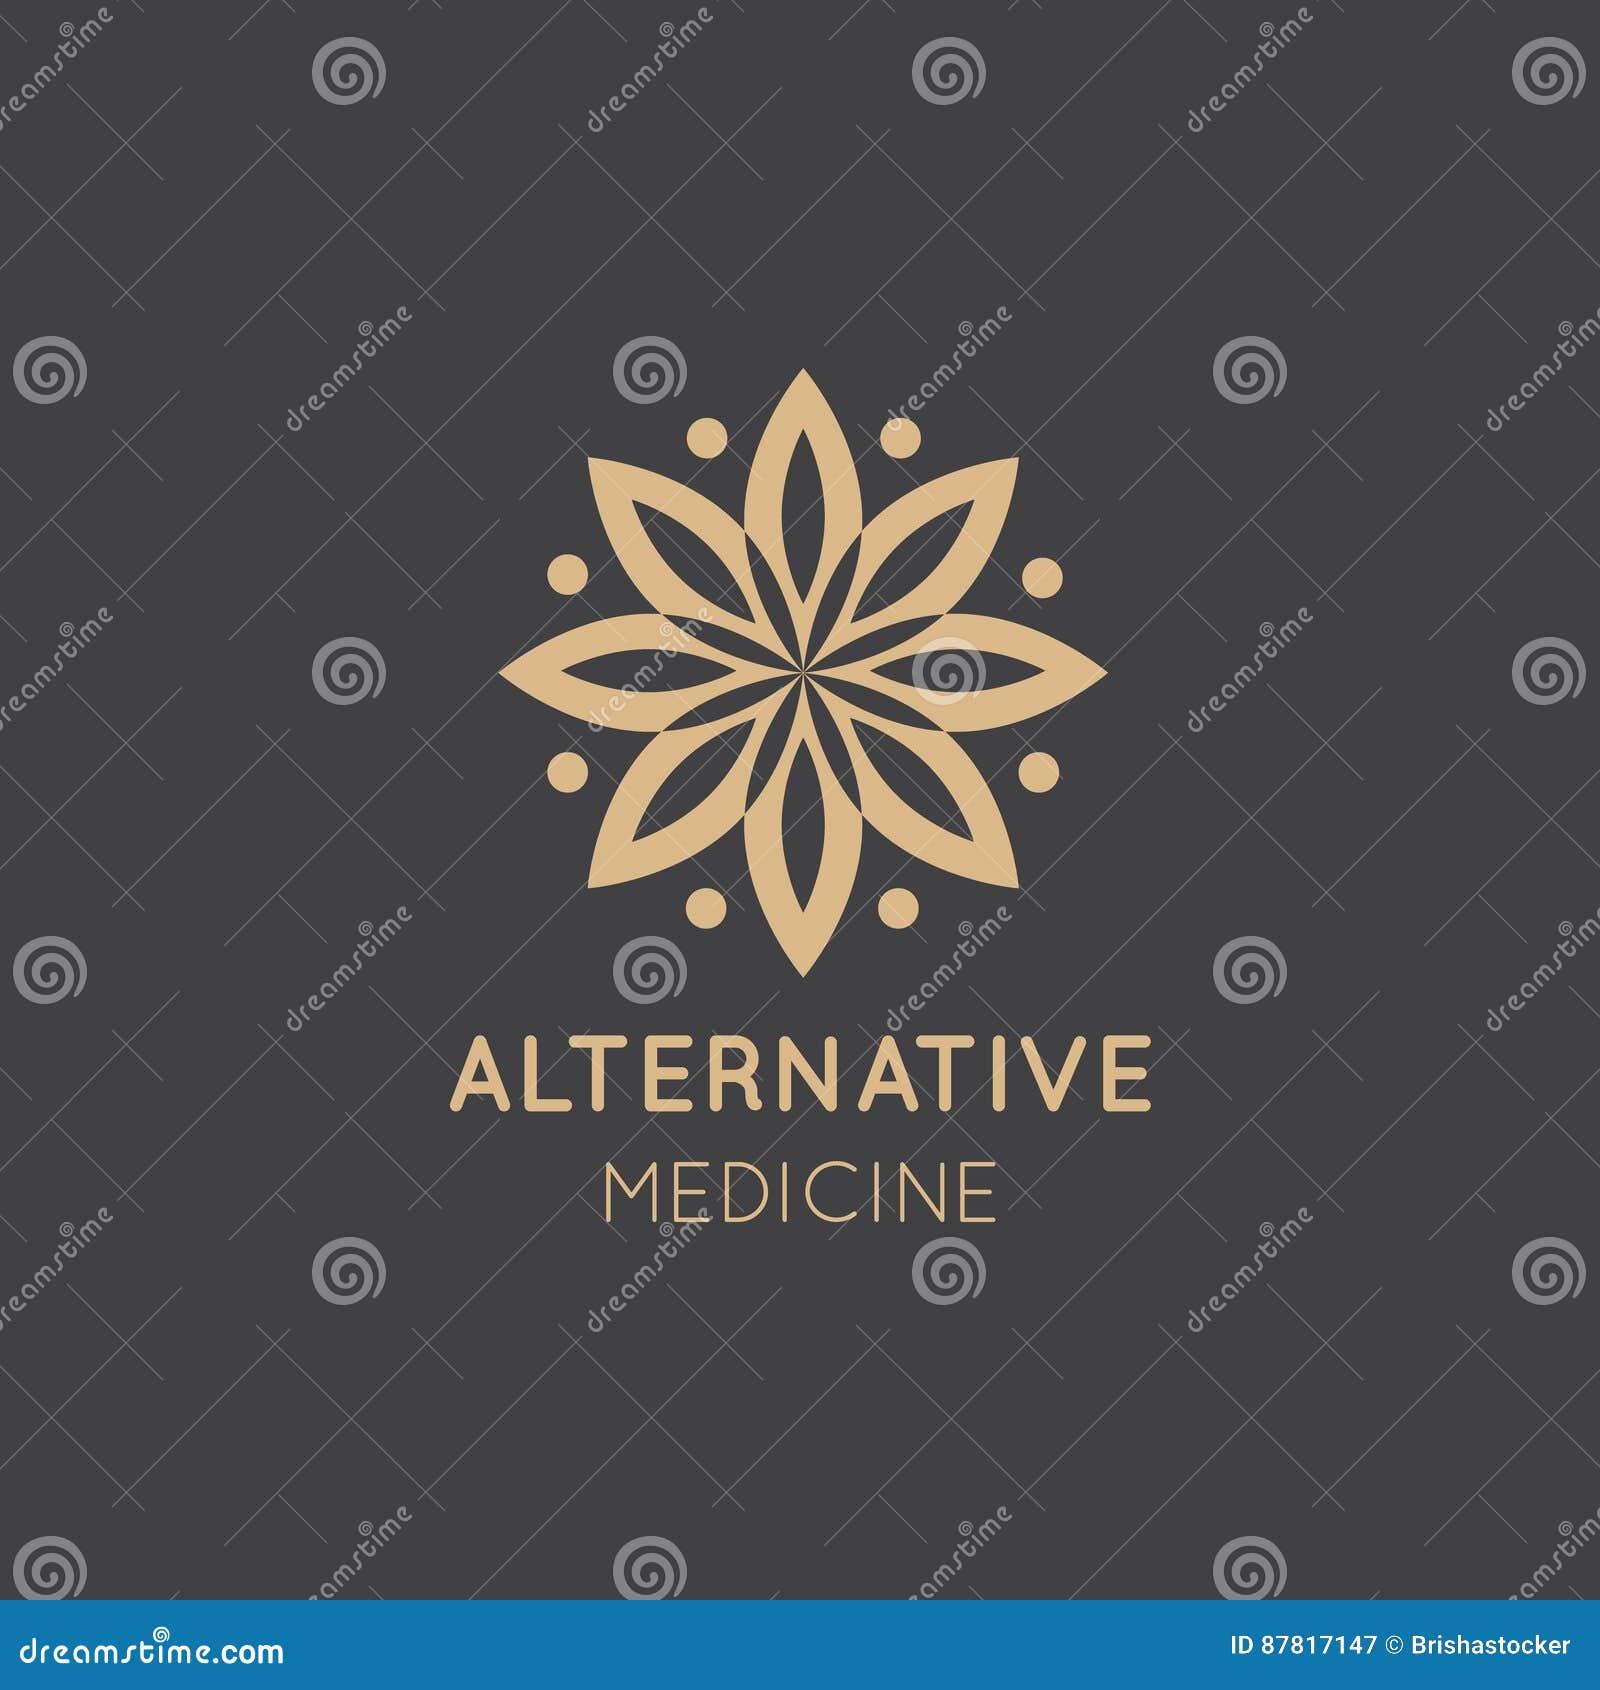 Loga znak Alternatywna medycyna IV witaminy terapia, starzenie się, Wellness, Ayurveda, Chińska medycyna Holistyczny centre